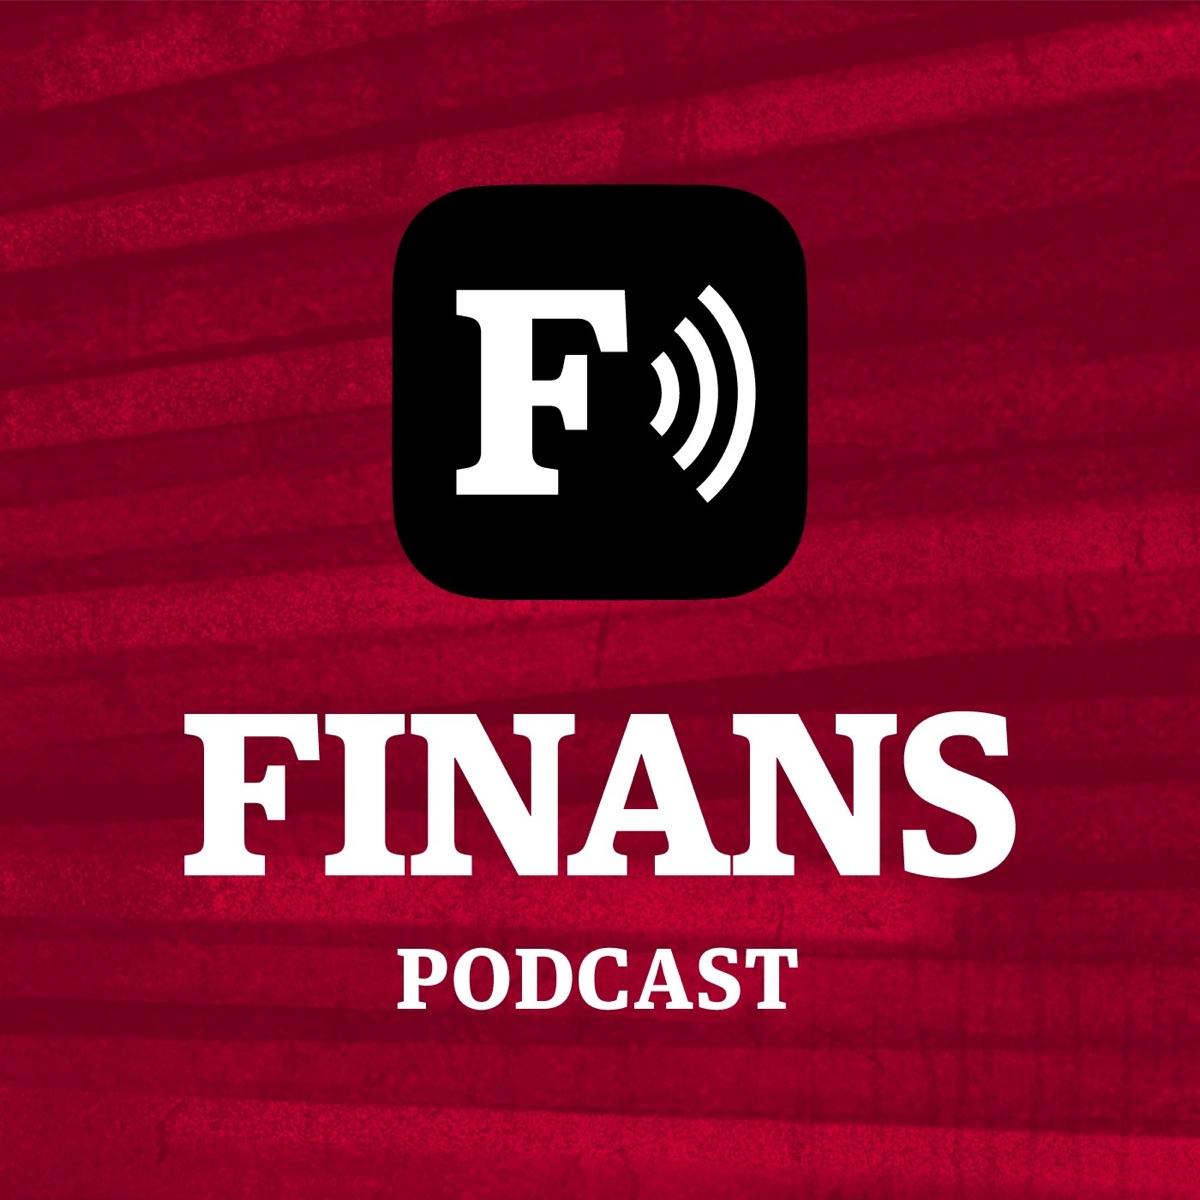 FINANS Podcast